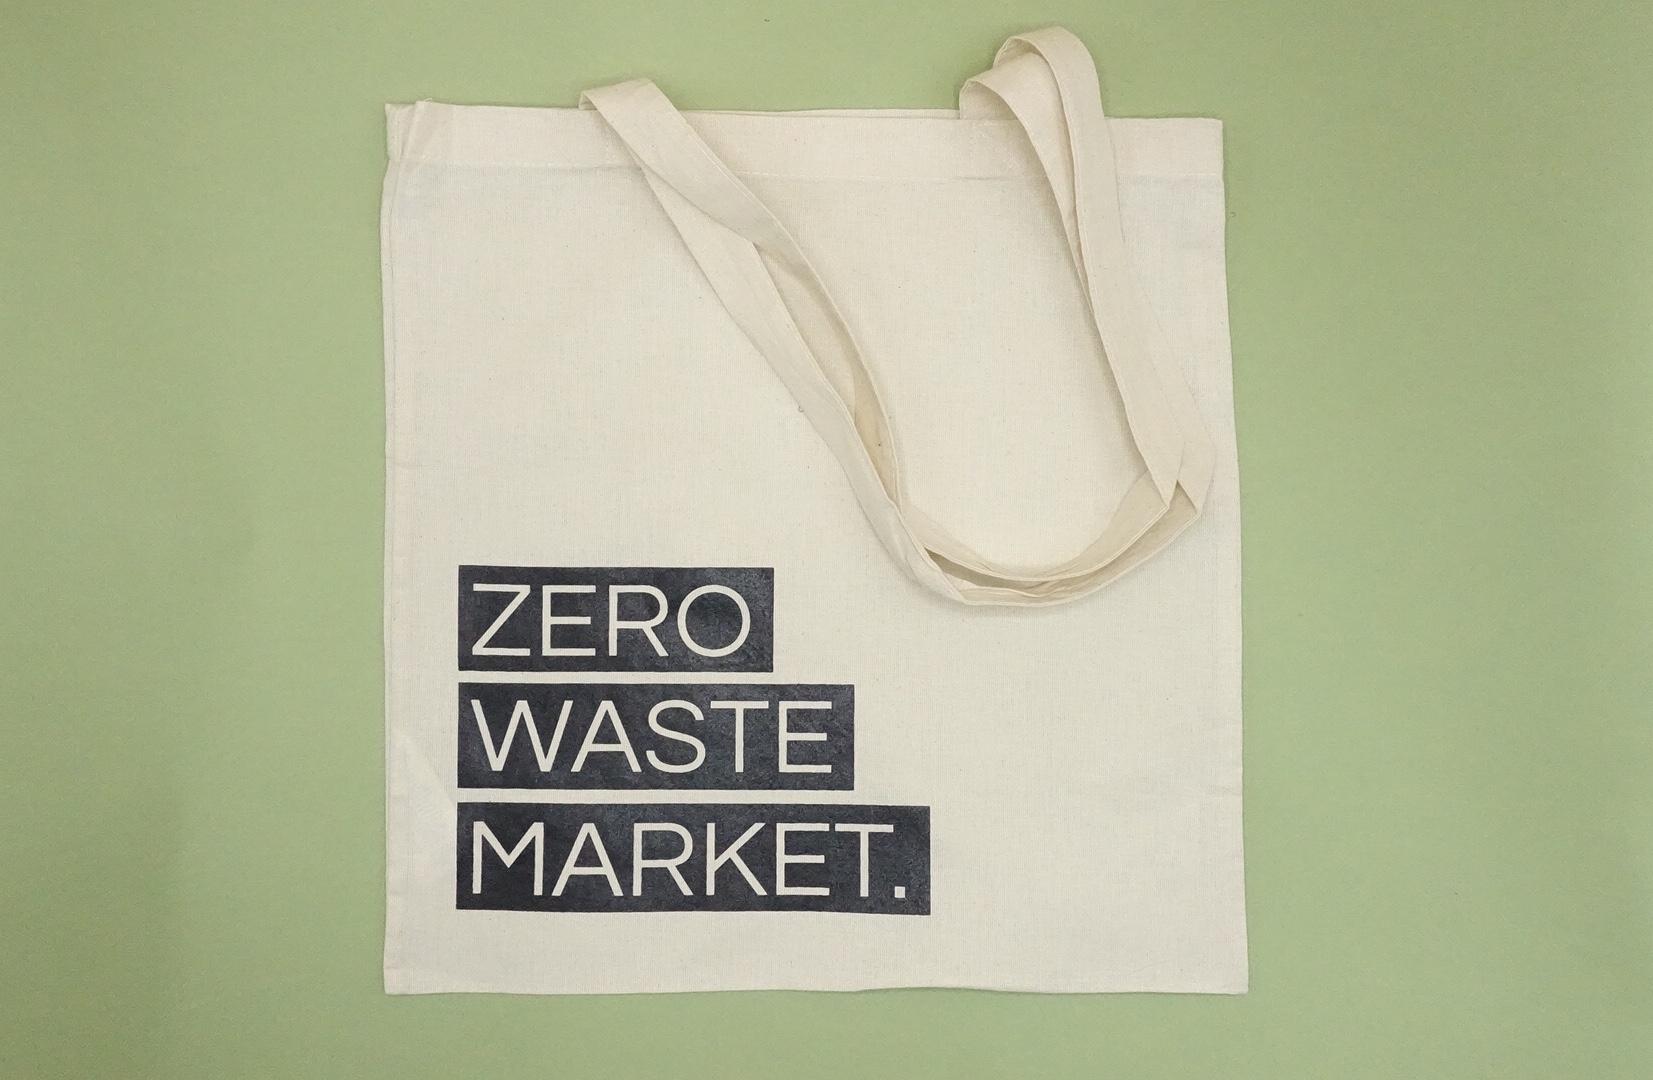 Zero Waste Market Tote Bag